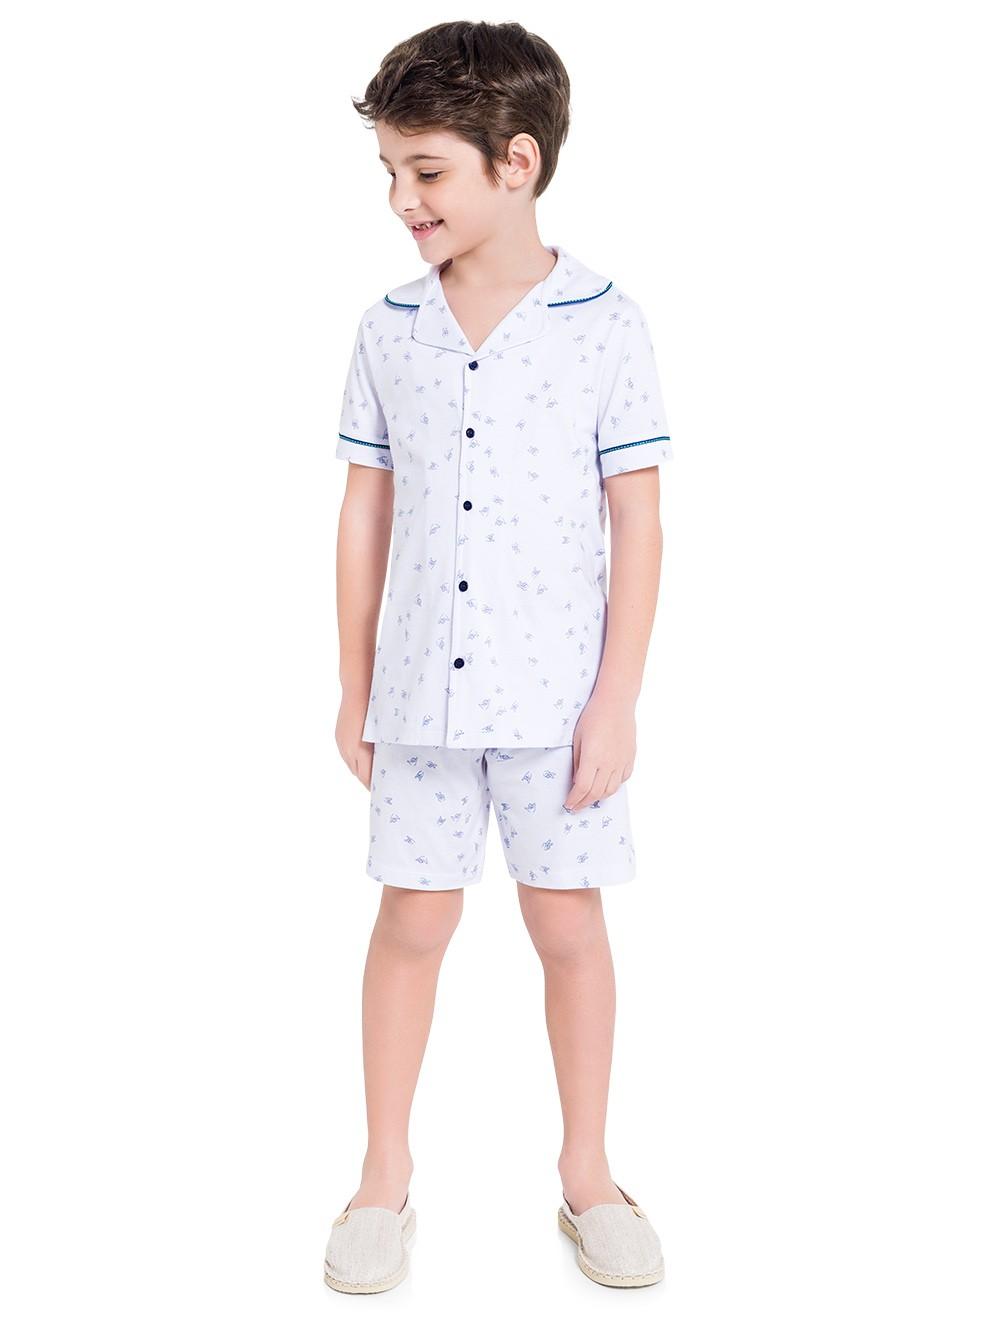 Pijama infantil menino calor blusa gola e botão short fresquinha